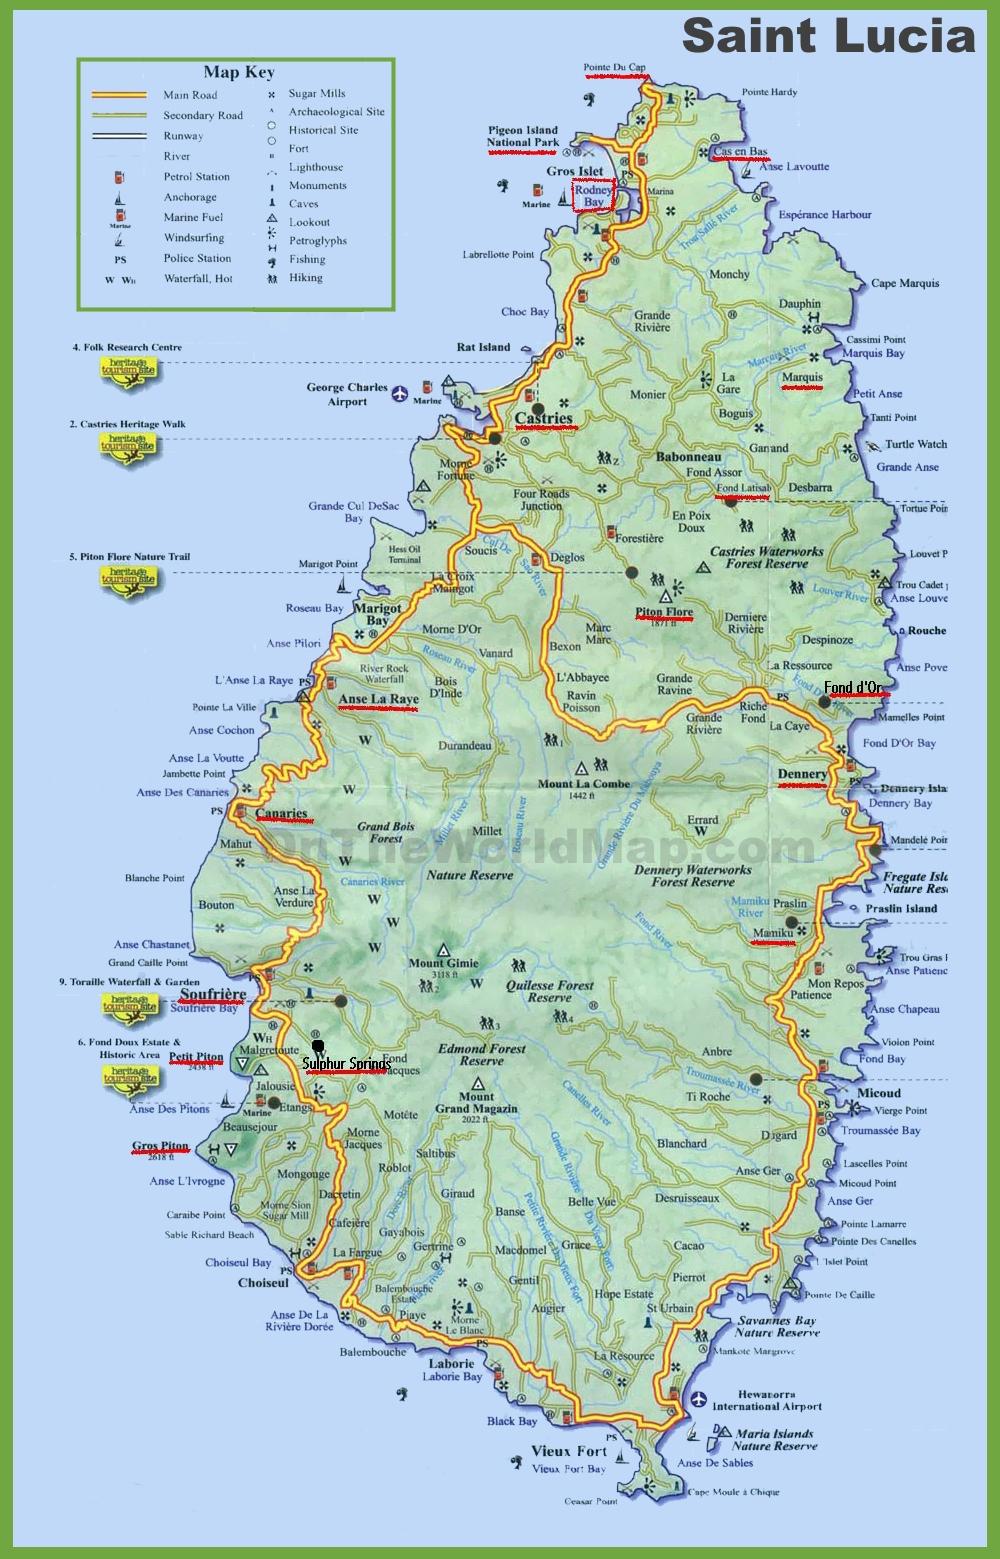 Saint Lucia Map Saint Lucia tourist map